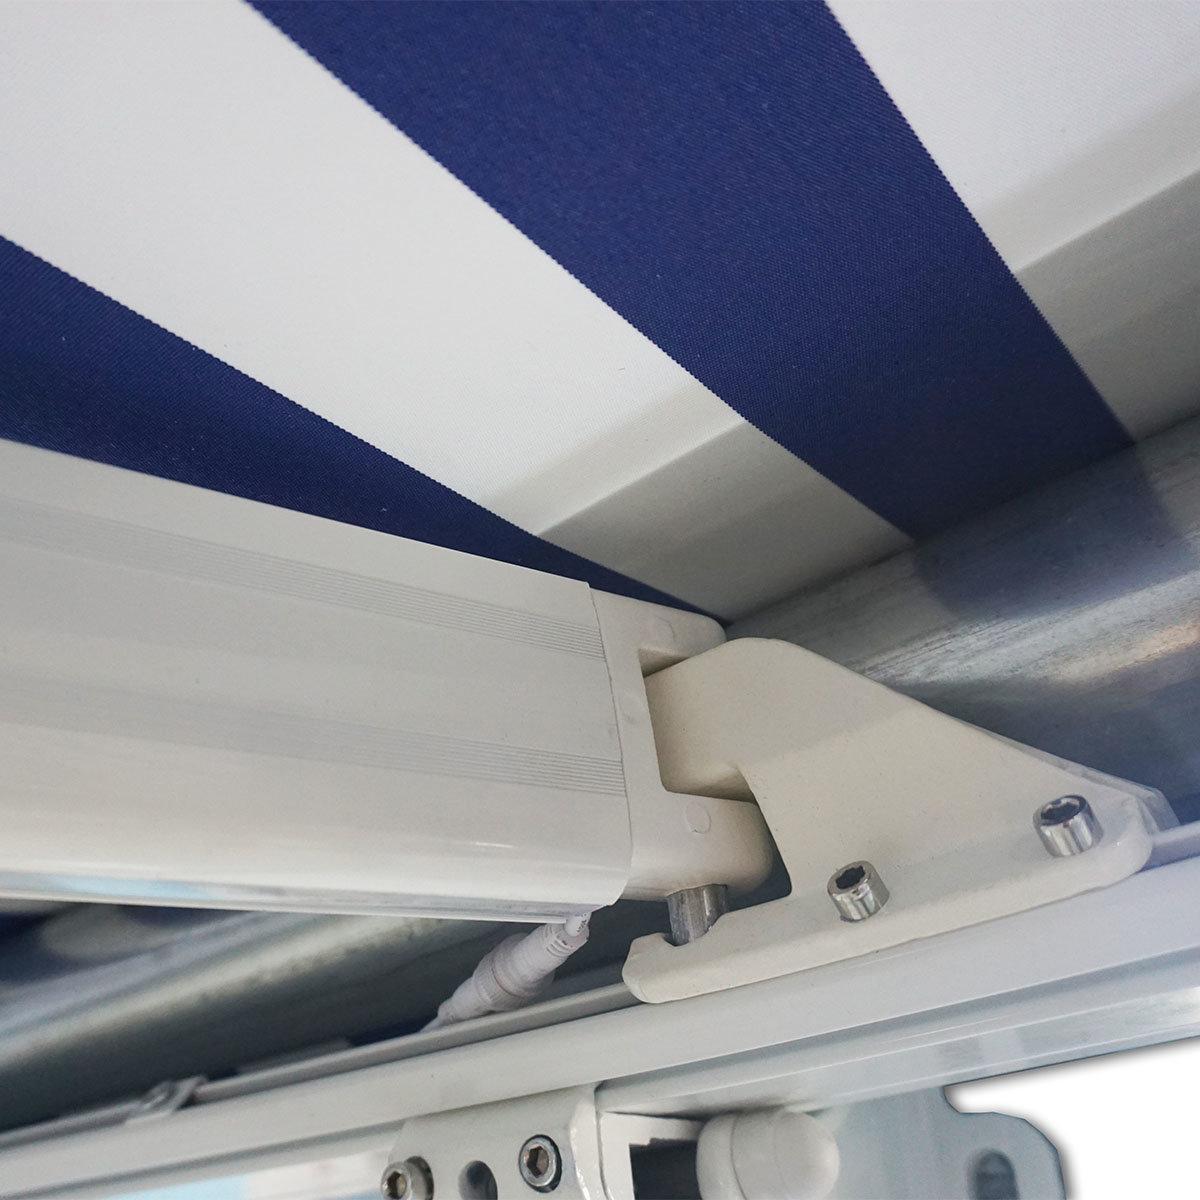 Vollelektrische Kassettenmarkise Elos V2 marineblau-weiß 500 x 300 cm mit Windsensor | #8